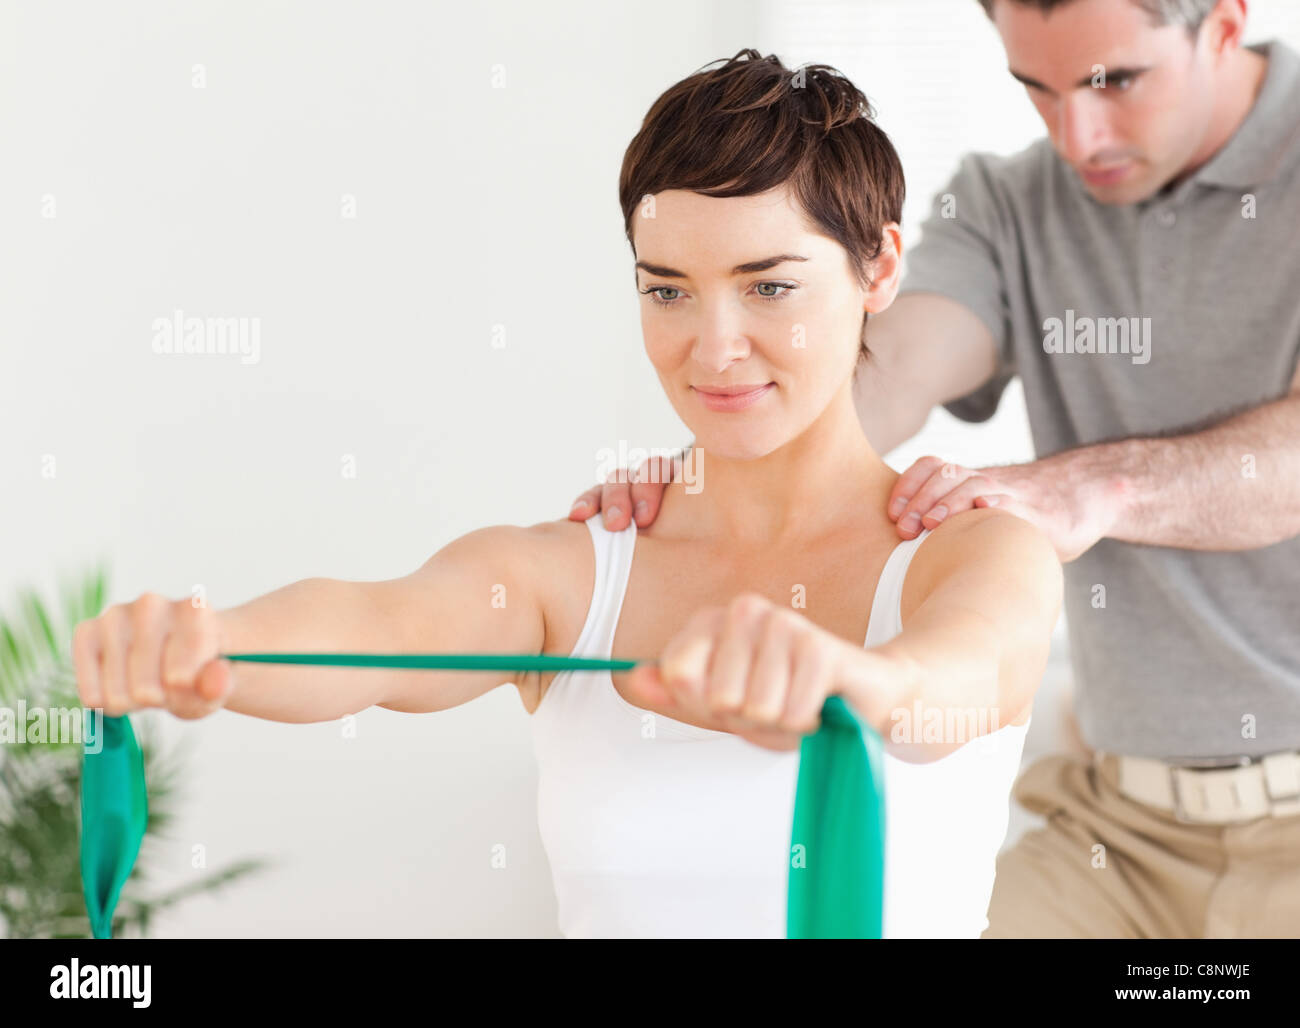 Certains patients faisant des exercices spéciaux sous surveillance Photo Stock